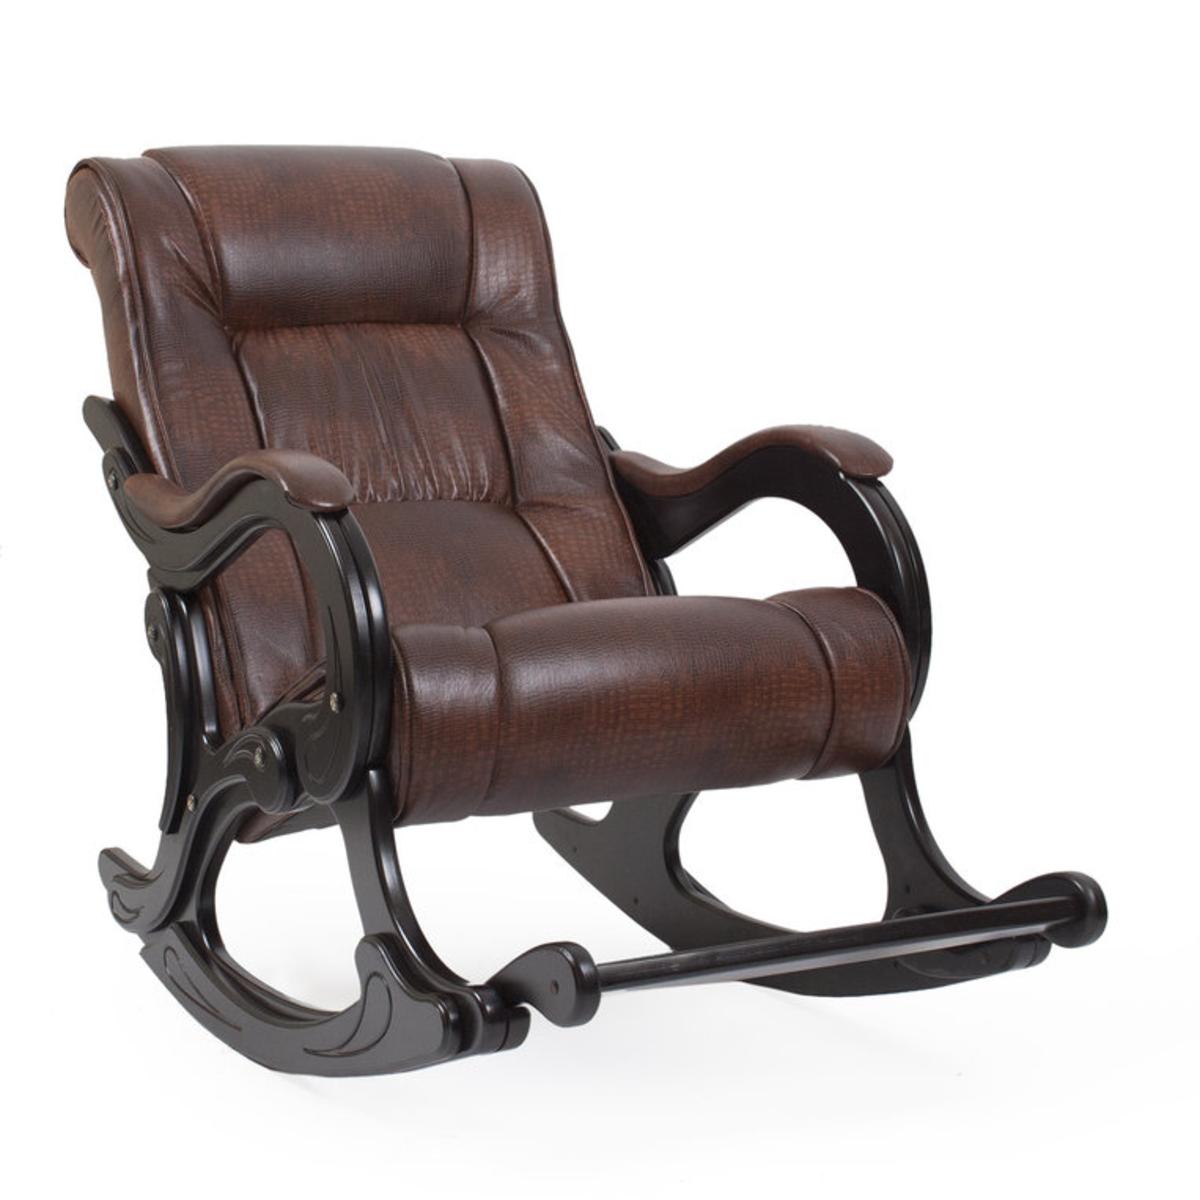 Кресло-качалка, модель 77 IMP0003790 Кресло-качалка модель 77, (13554) фото